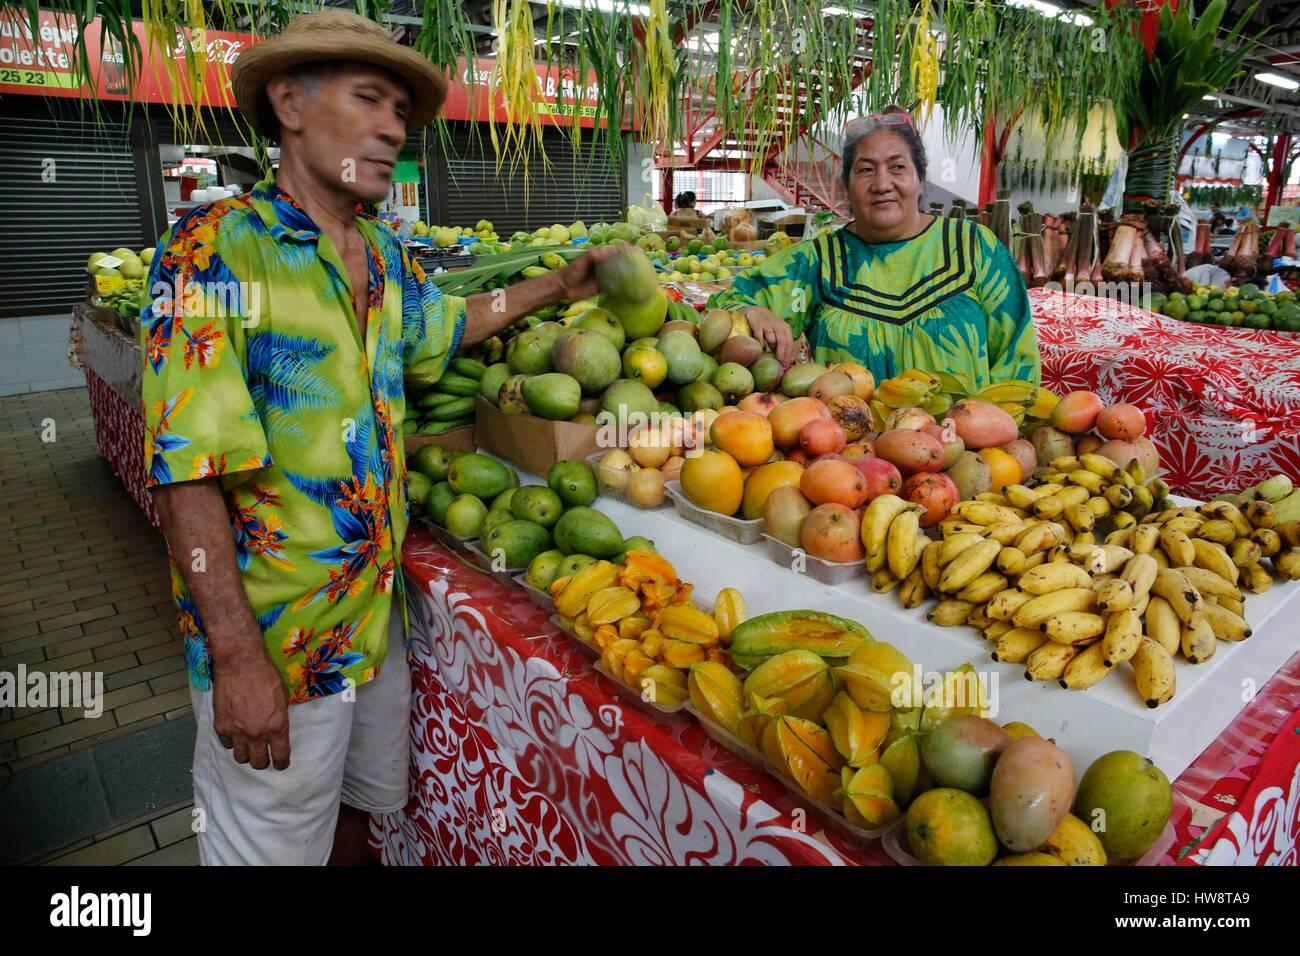 Francia Polinesia francese Isole windward arcipelago, l'isola di Tahiti, Papeete, il mercato di frutta in stallo Immagini Stock